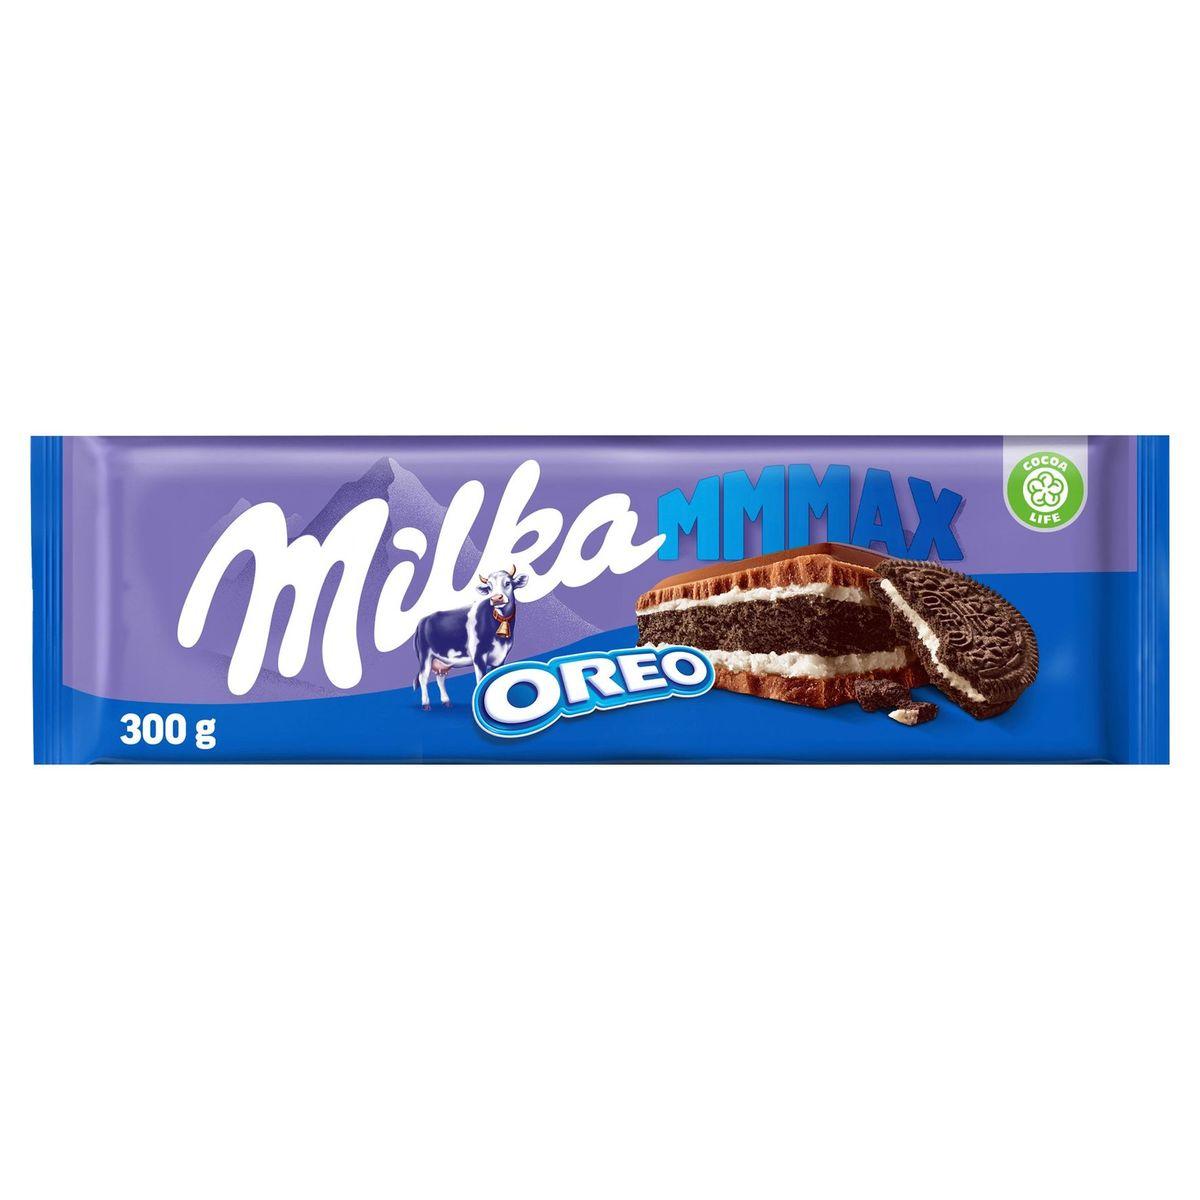 Milka Mmmax Oreo 300 g